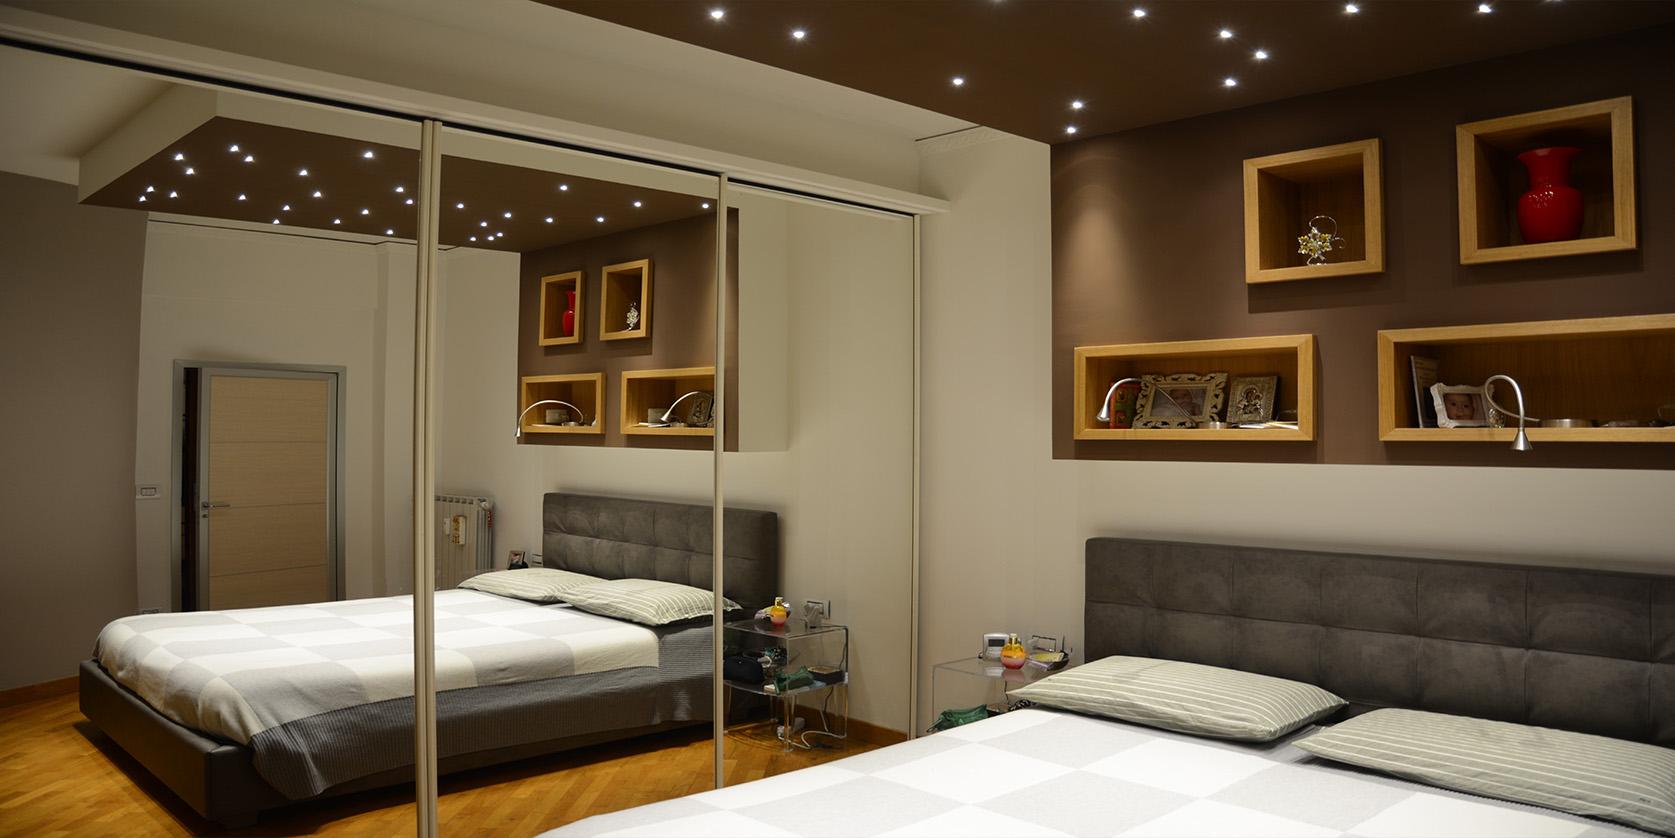 realizzazione di una camera da letto con elementi di architettura che fungono da conteniotori